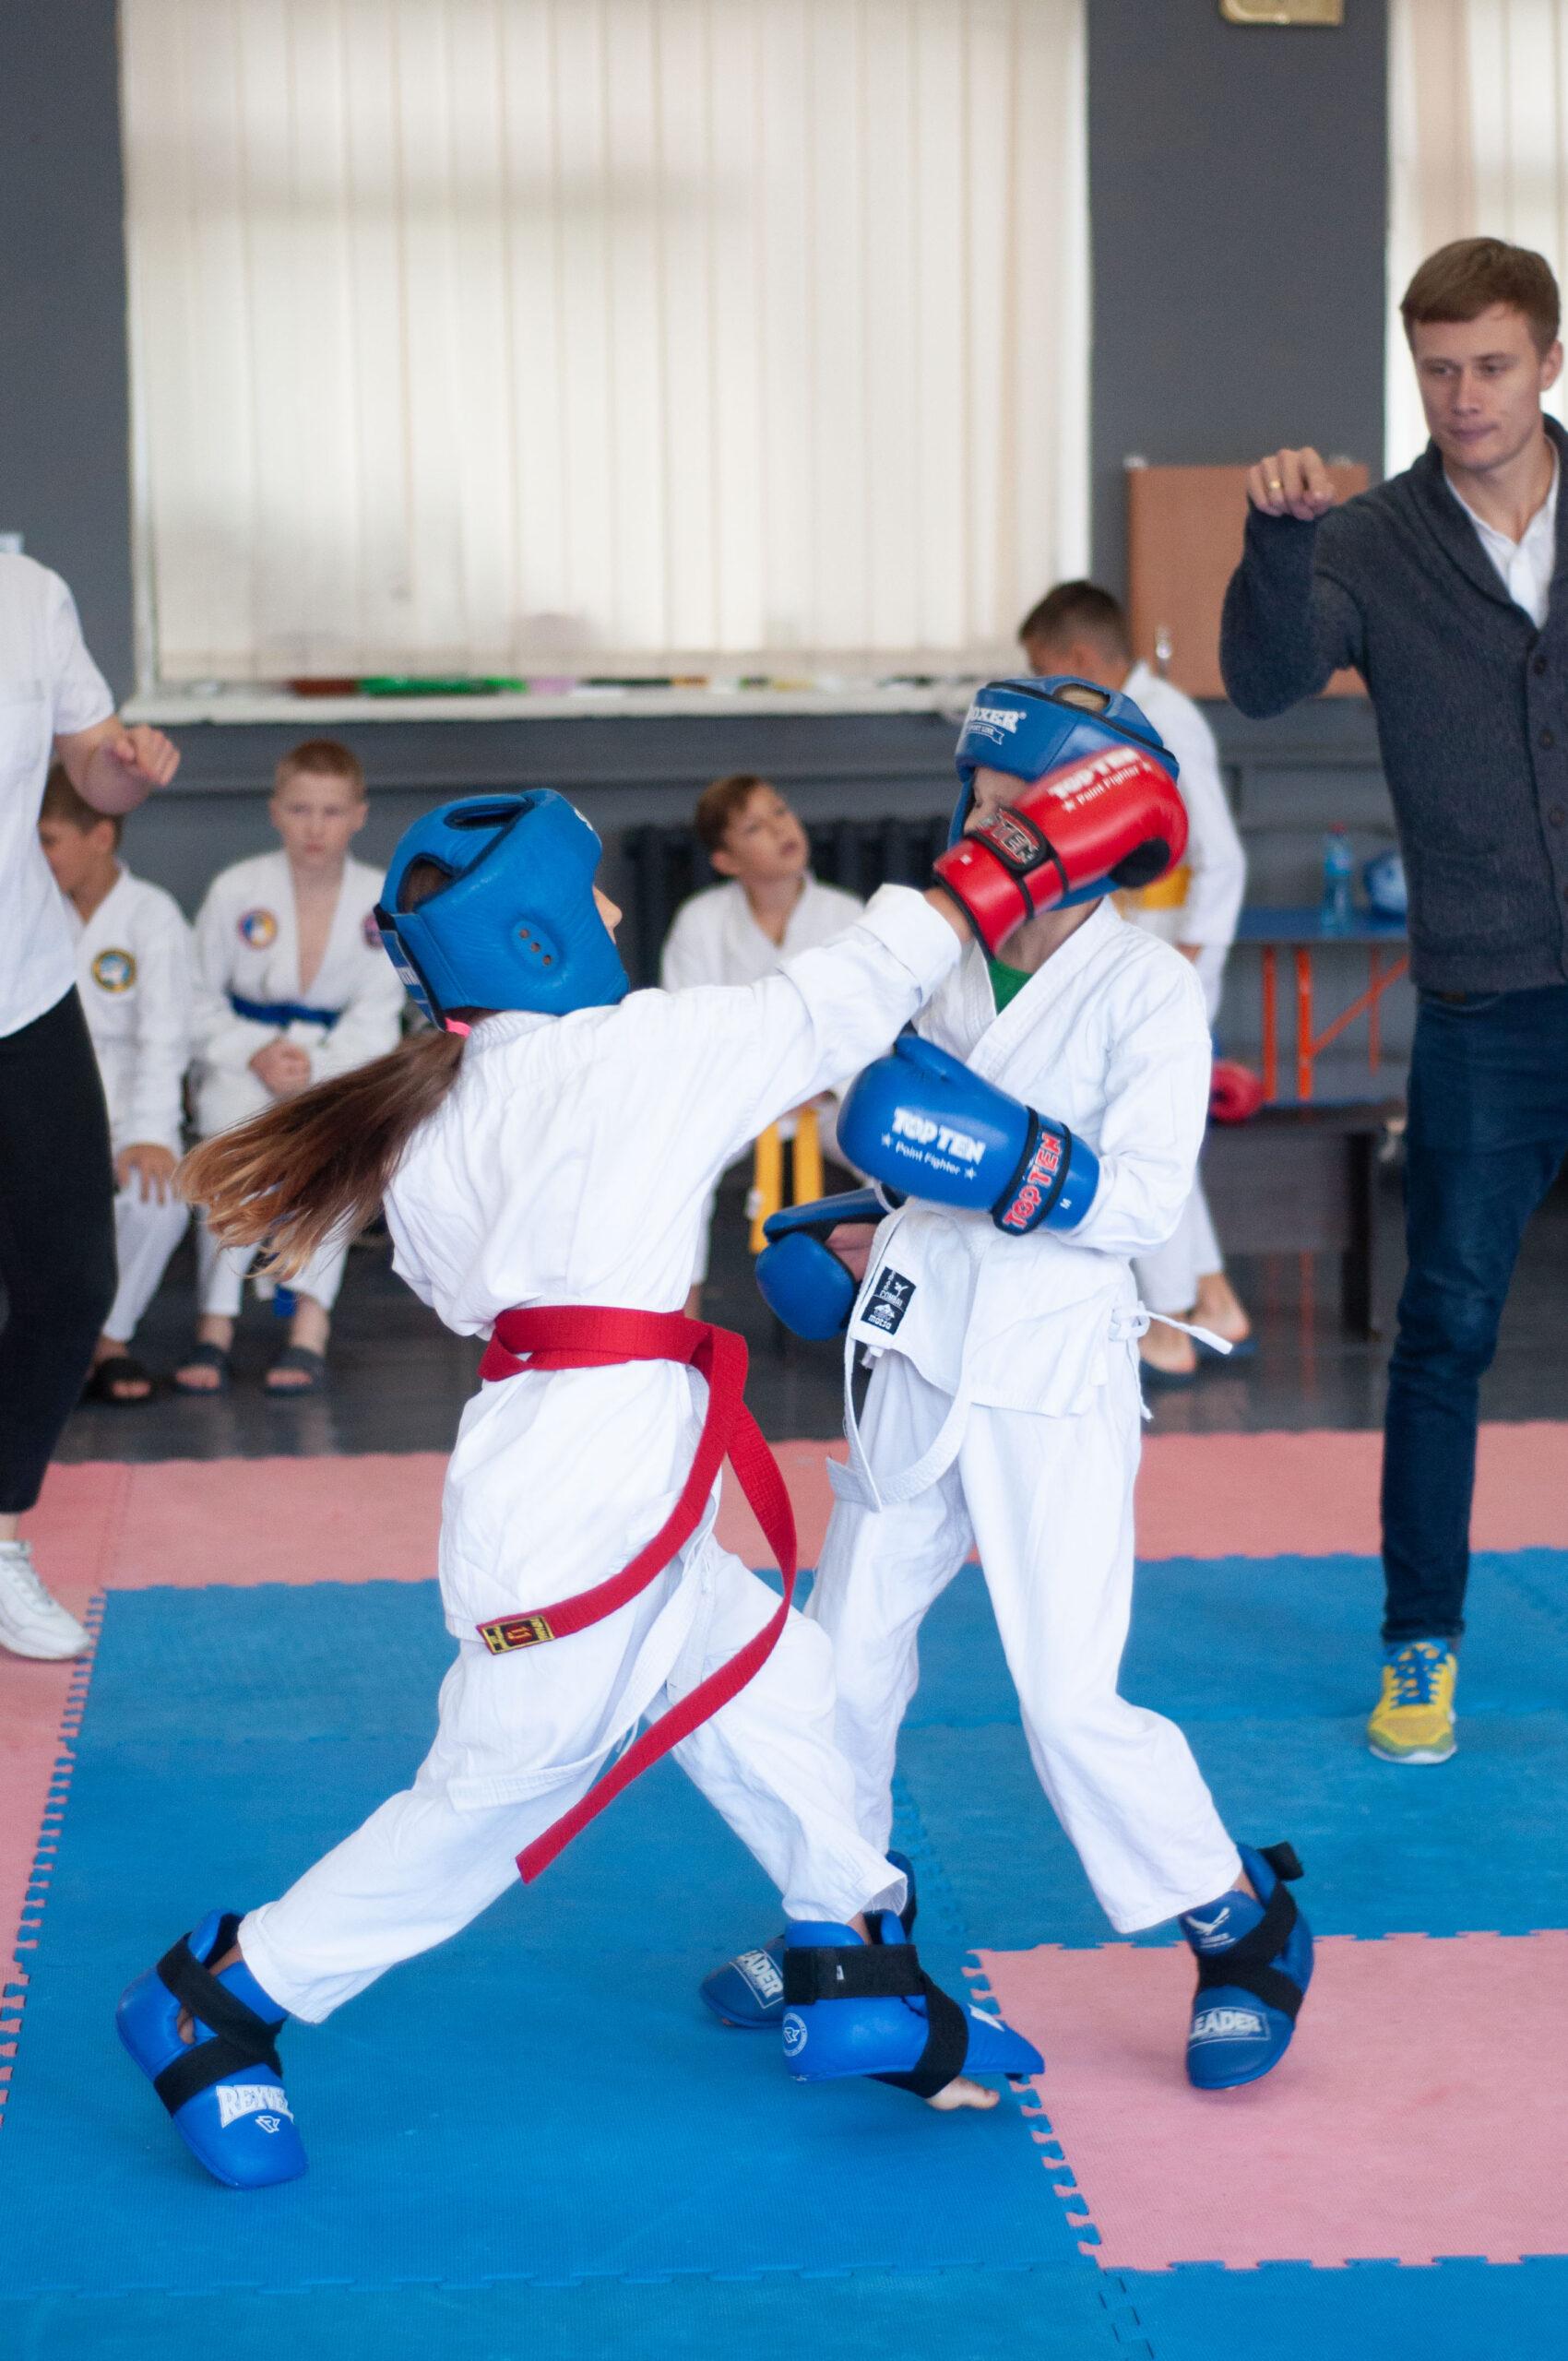 Юные рукопашники из Чернигова соревновались за звание сильнейшего